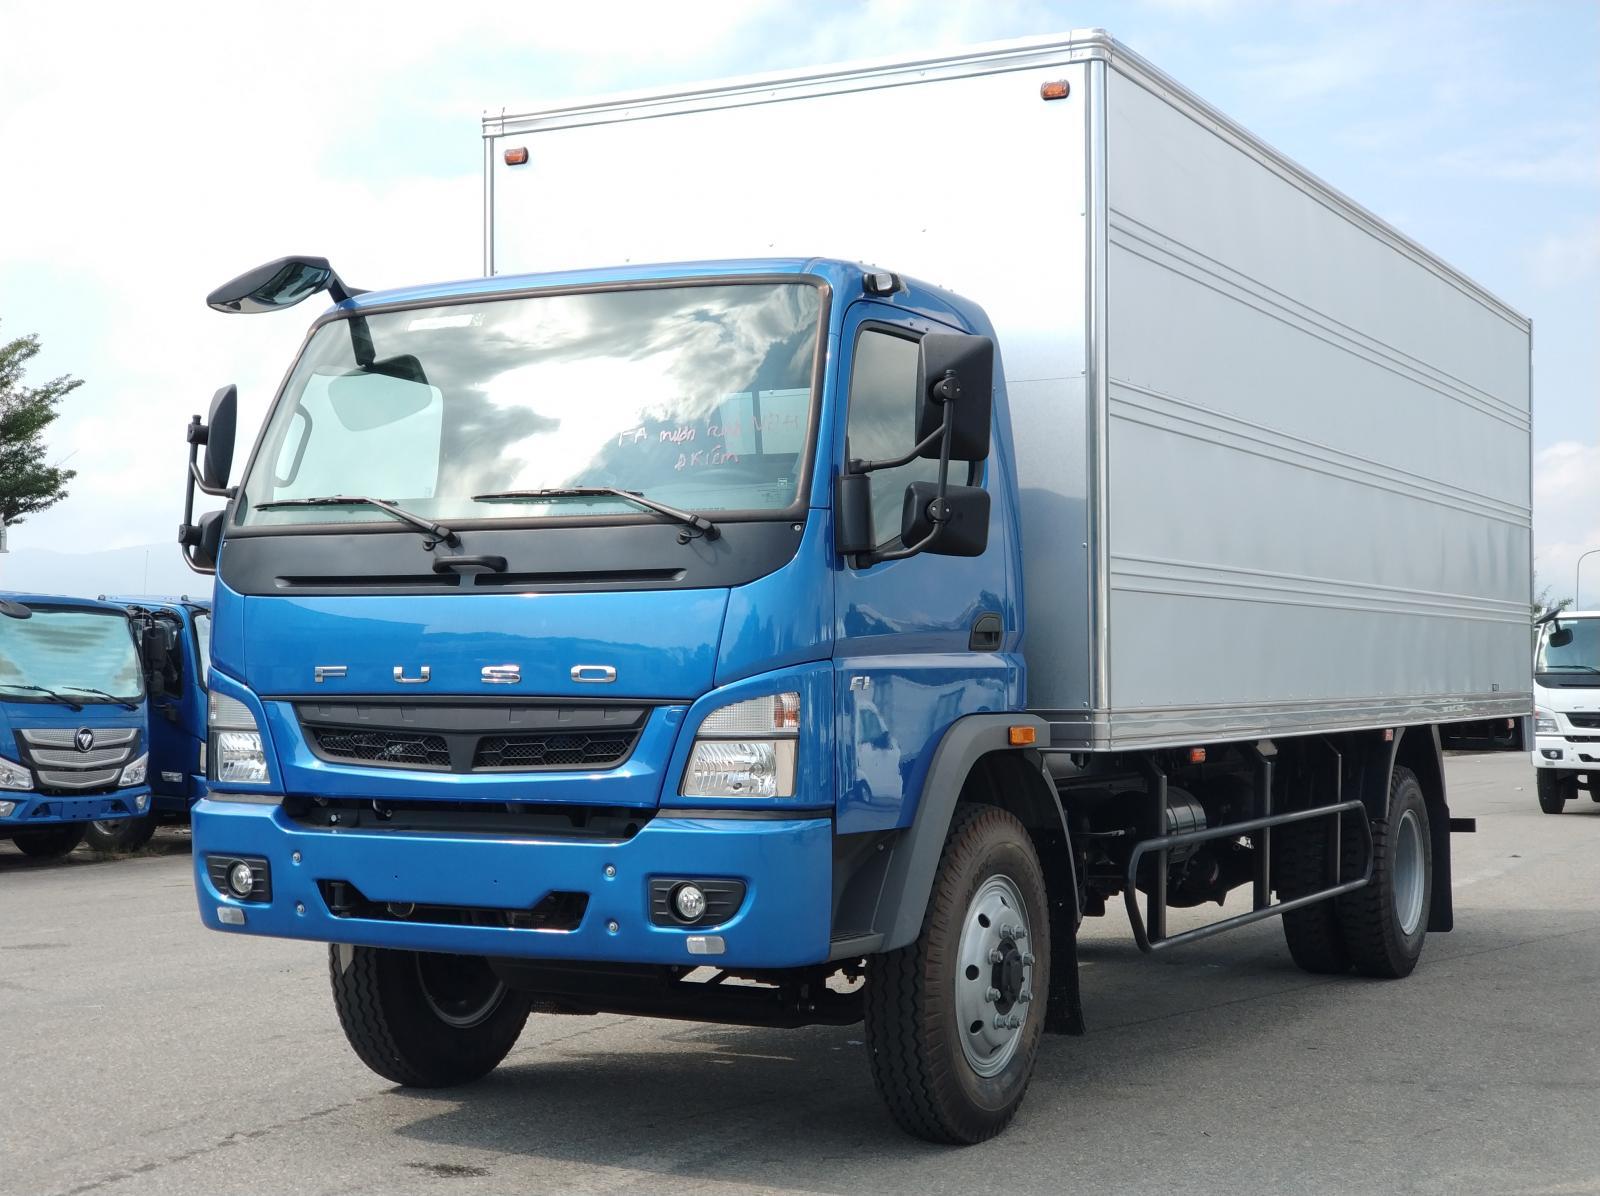 Cần bán xe Fuso Canter 12.8 2020, màu xanh lam